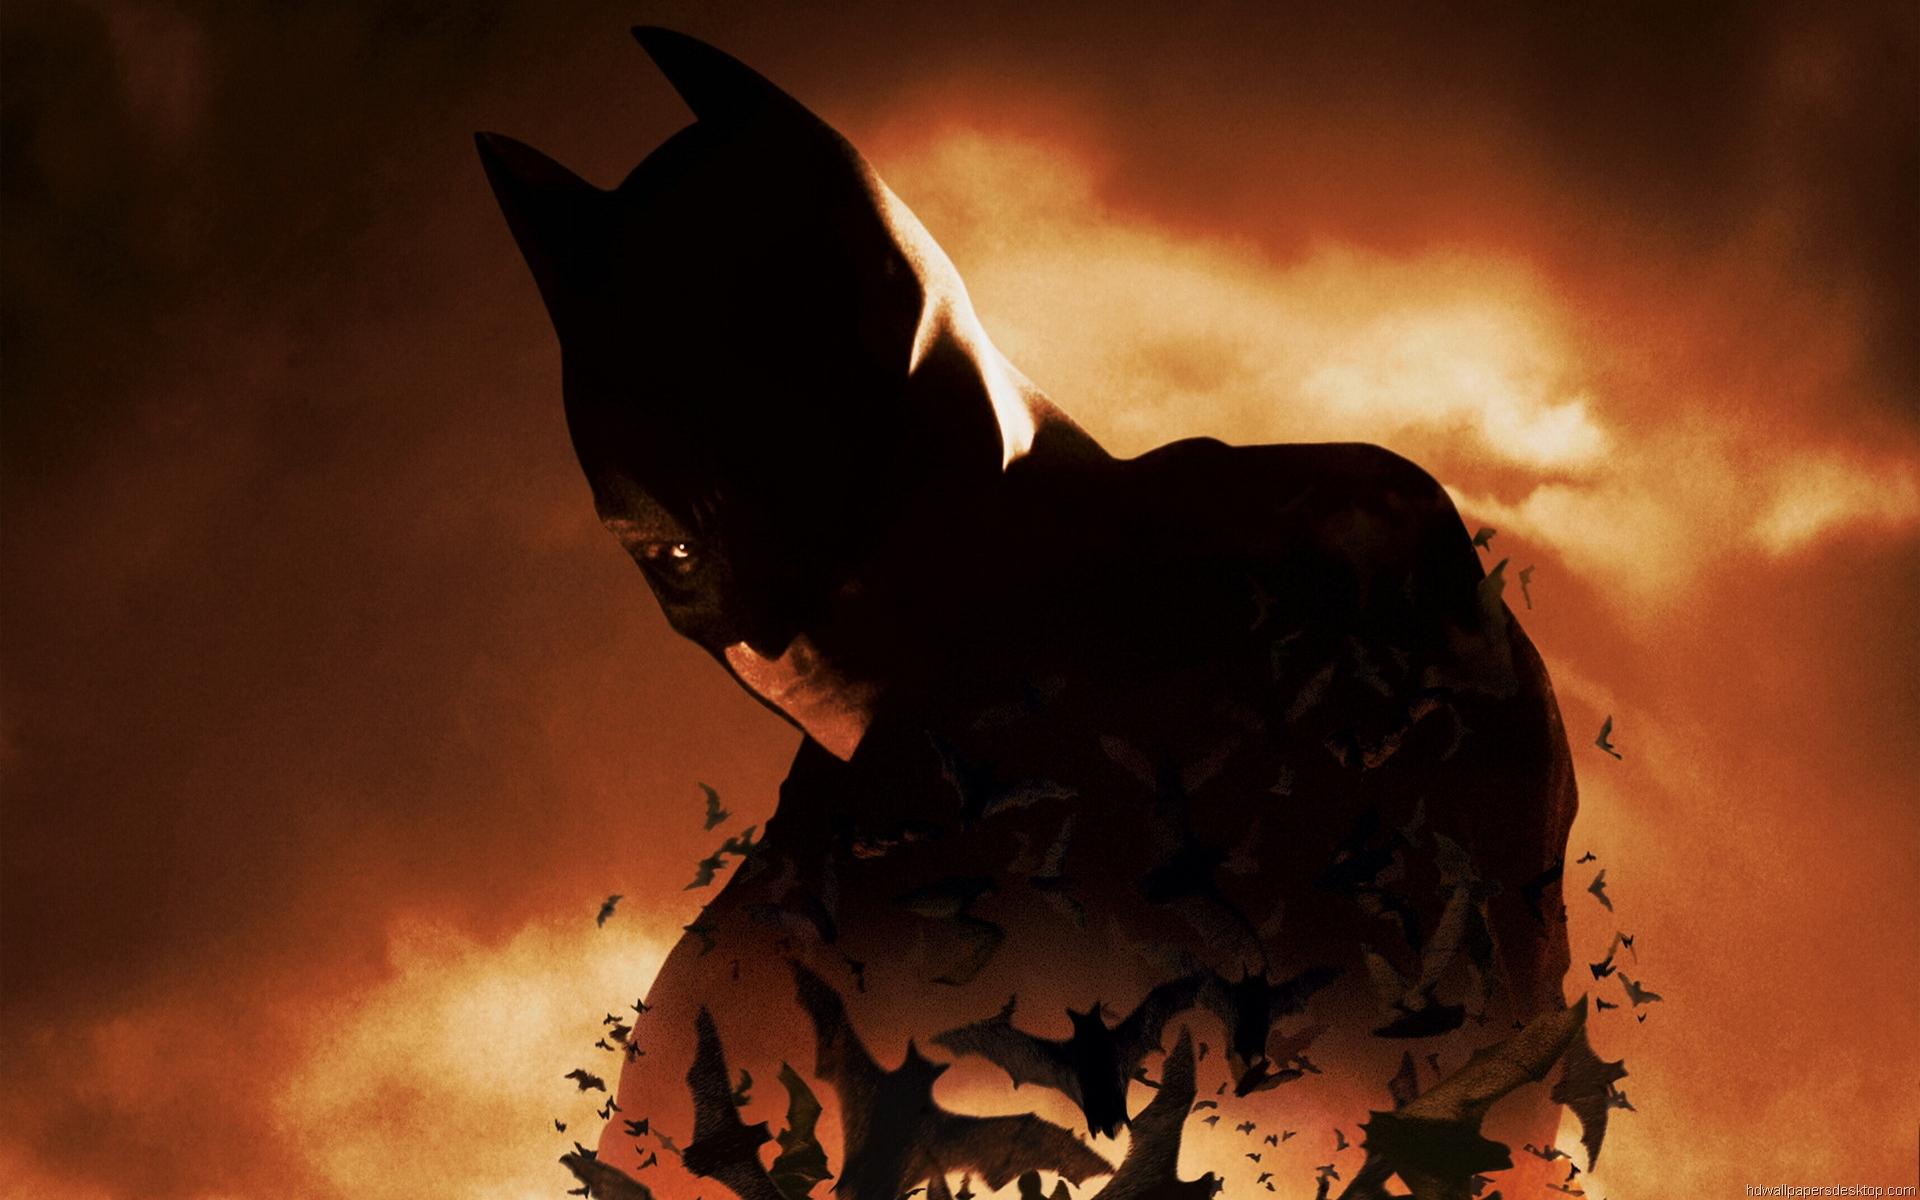 Wallpapers Movie Desktop Backgrounds Batman Begins Wallpaper 2 1920x1200